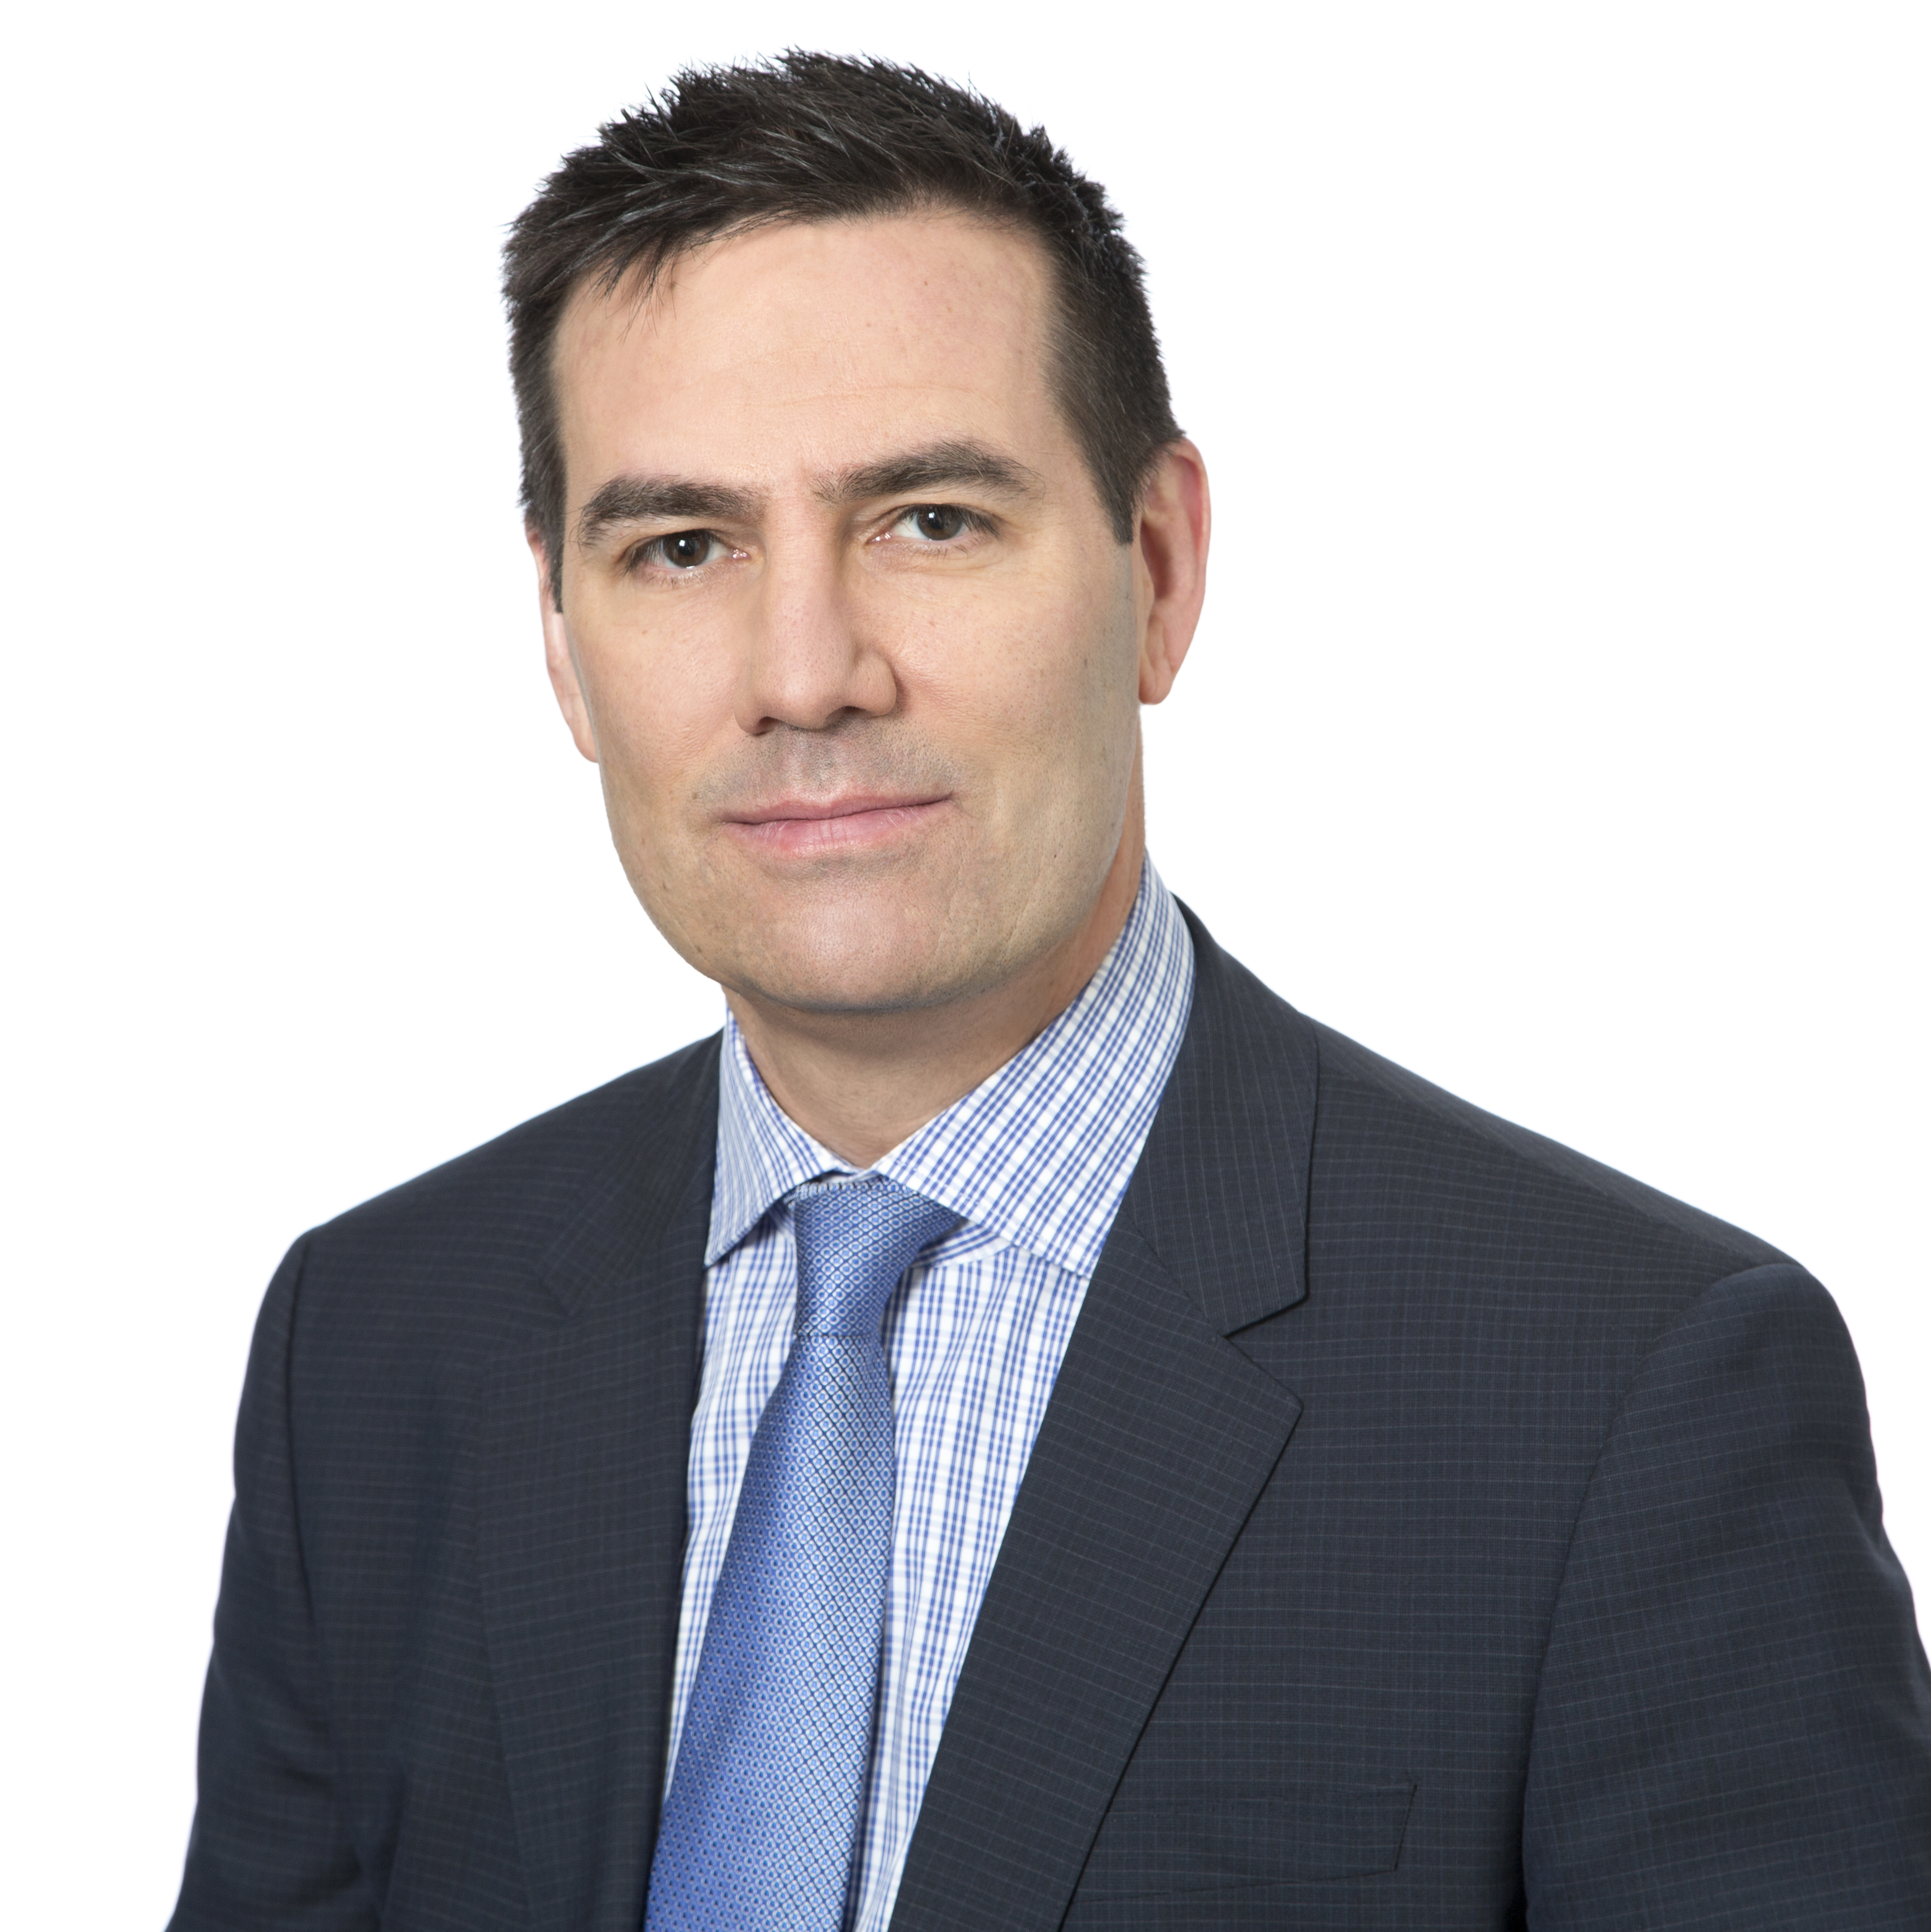 Ian McFeely